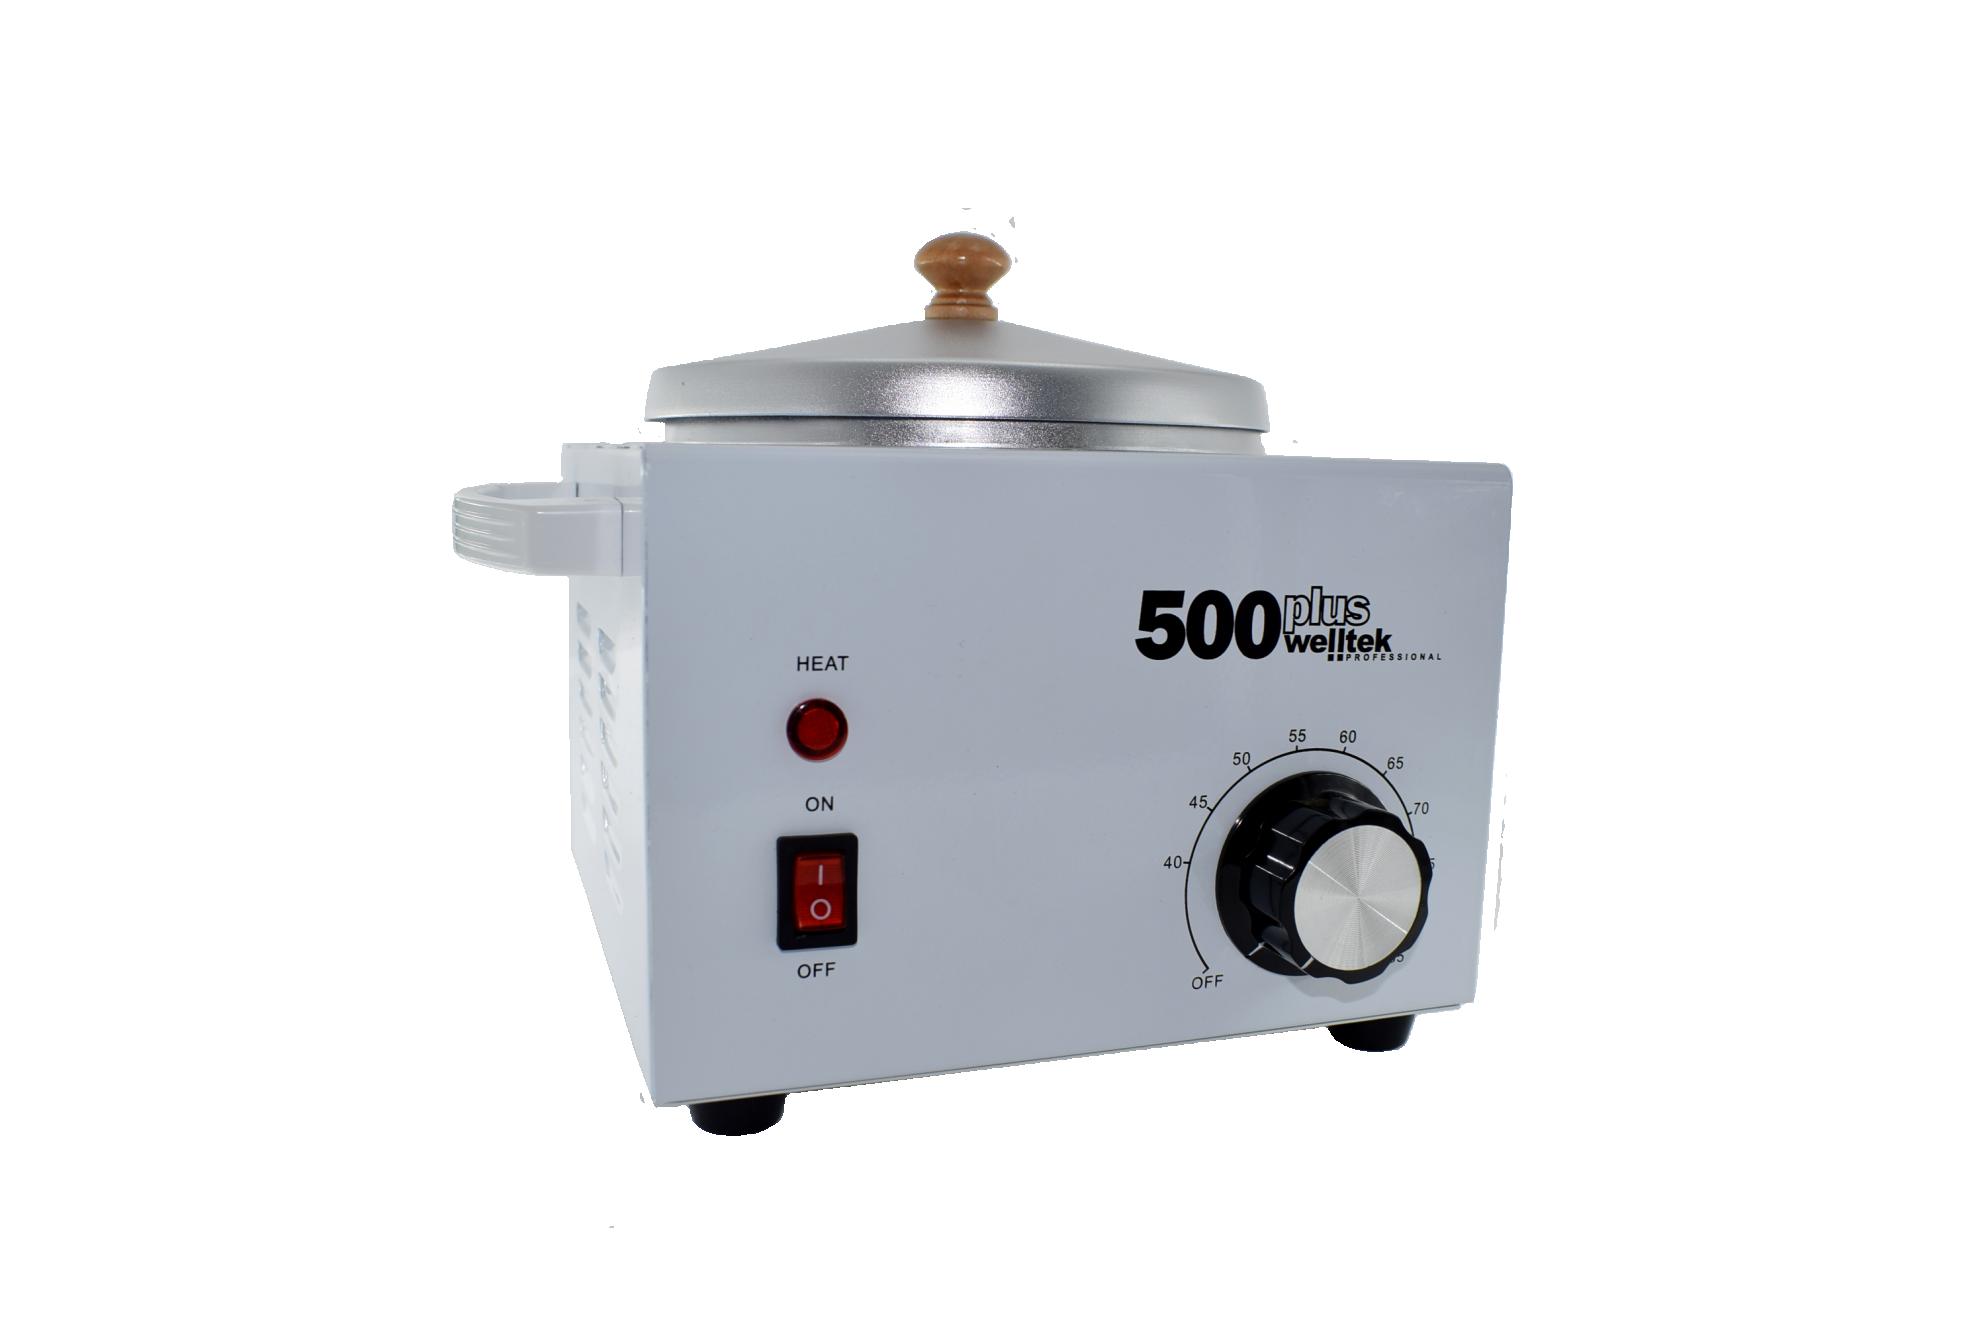 Welltek 500 plus - Scaldacera professionale 500ml